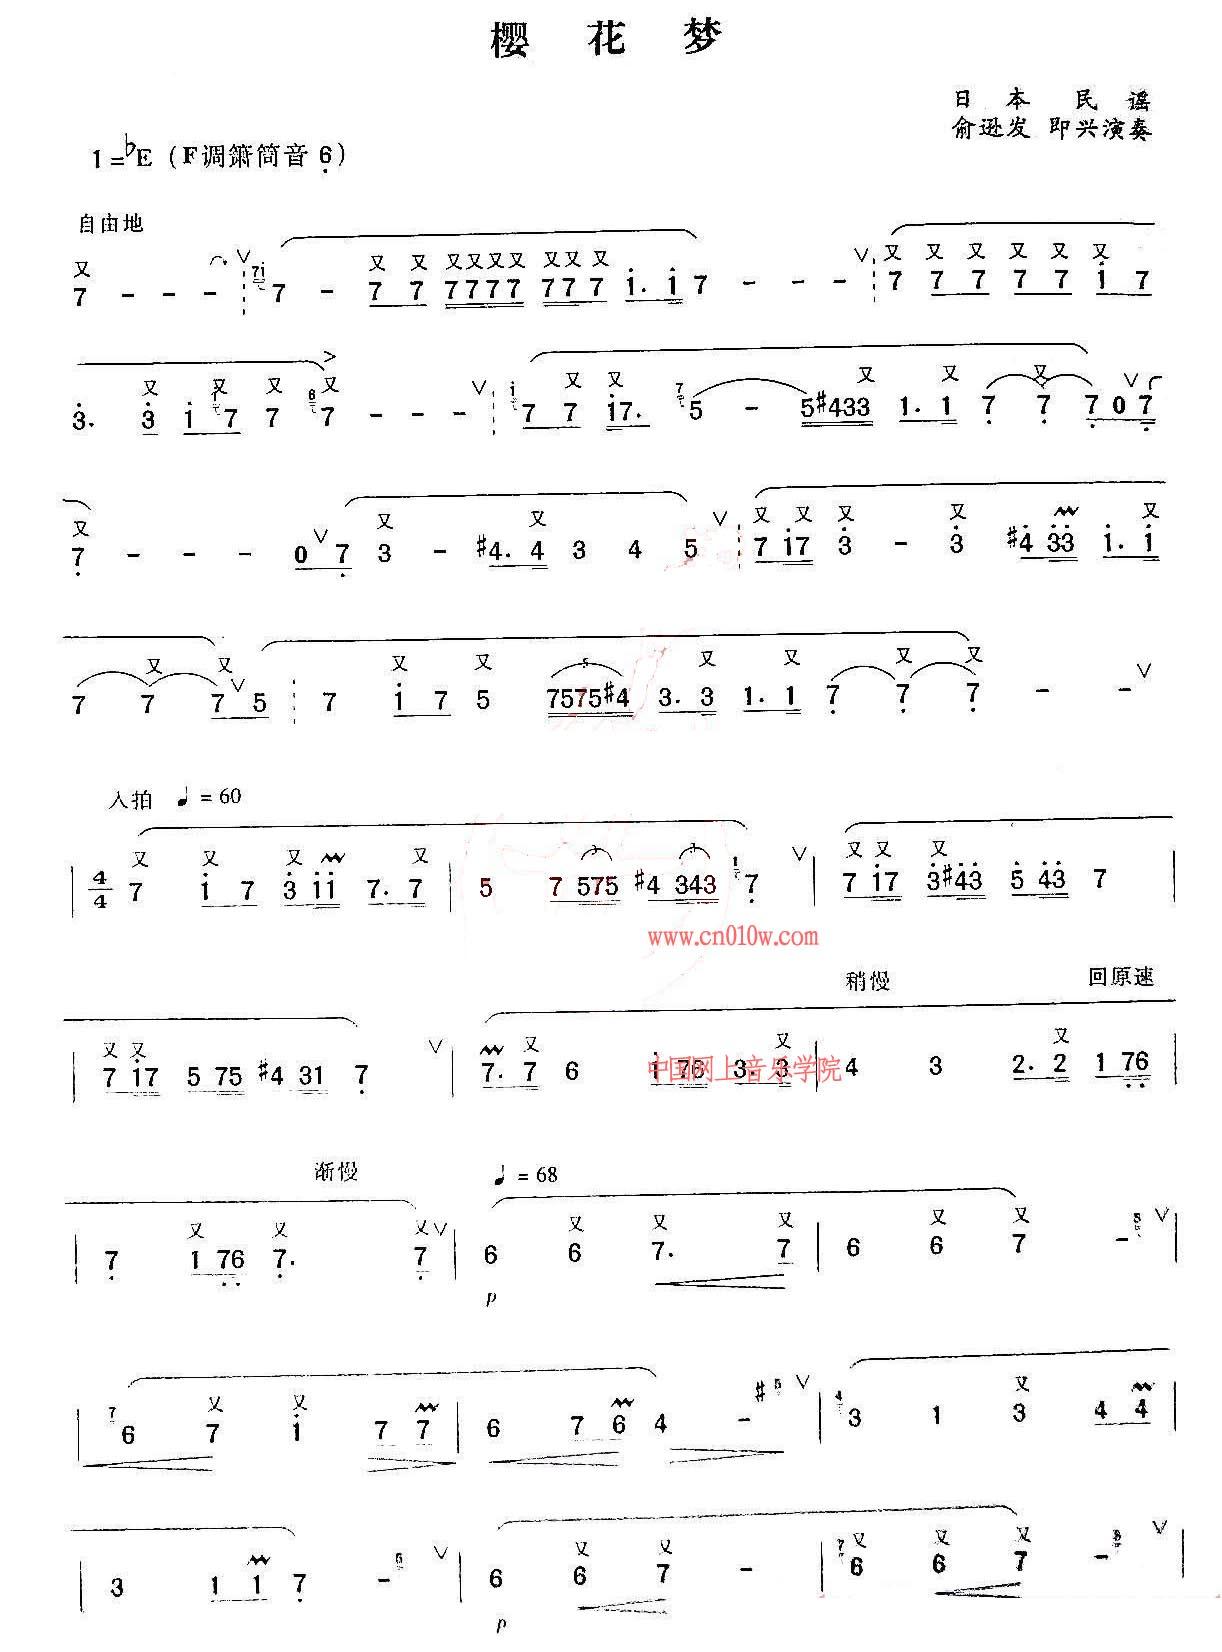 樱花梦笛箫曲谱 笛箫曲谱樱花梦下载 简谱下载 五线谱下载 曲谱网